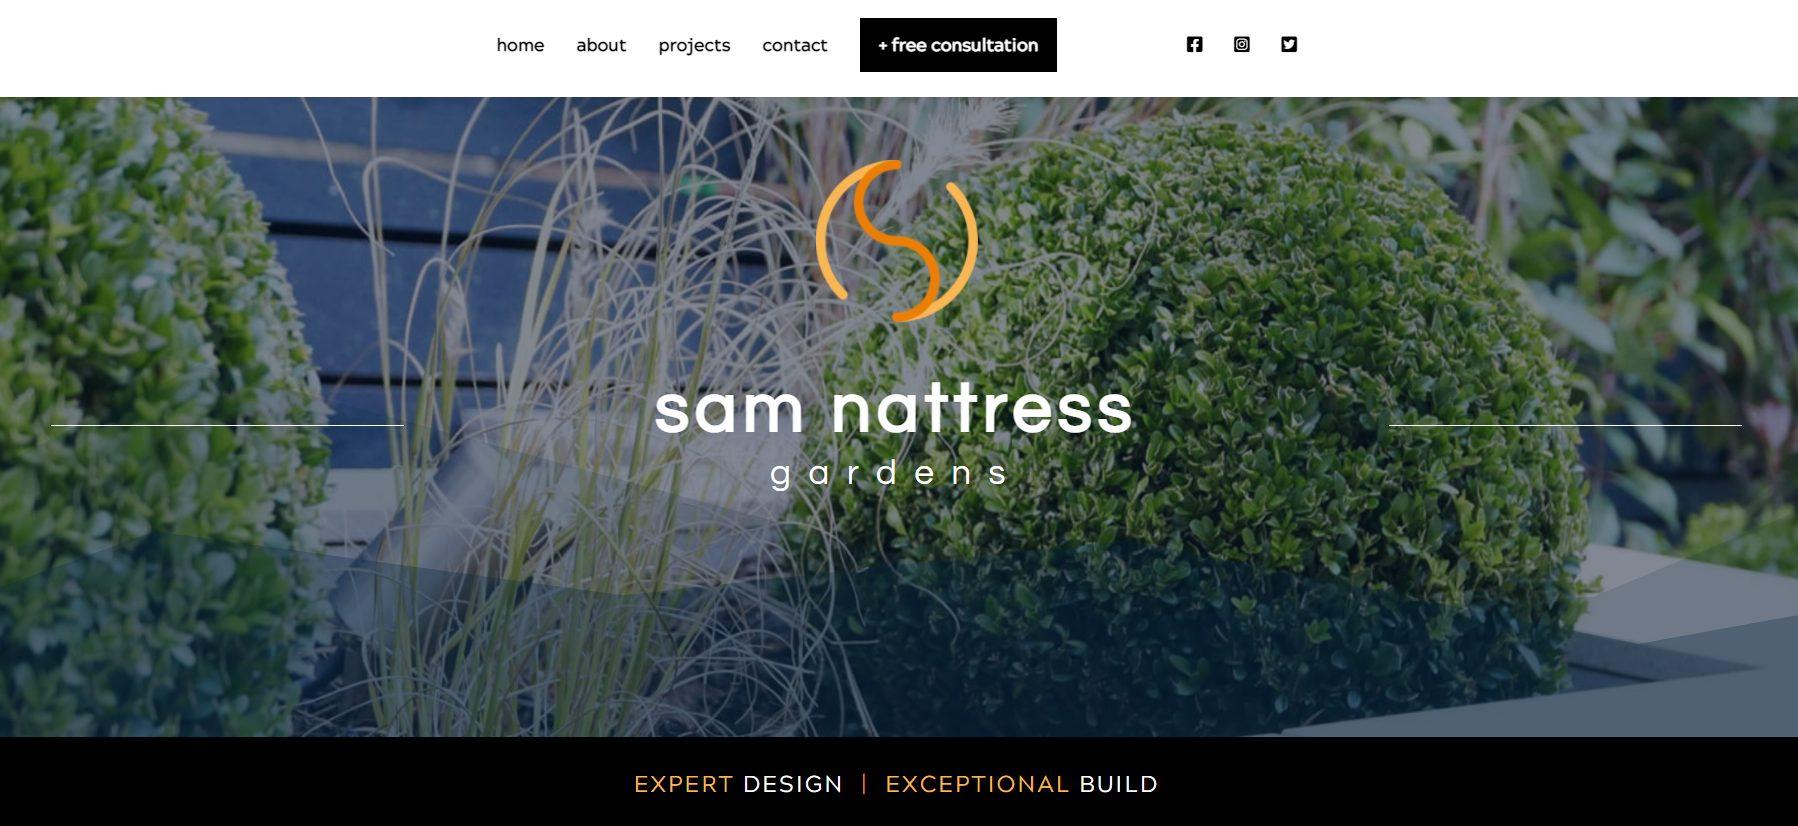 divi-portfolio-sam-nattress-gardens-darlington